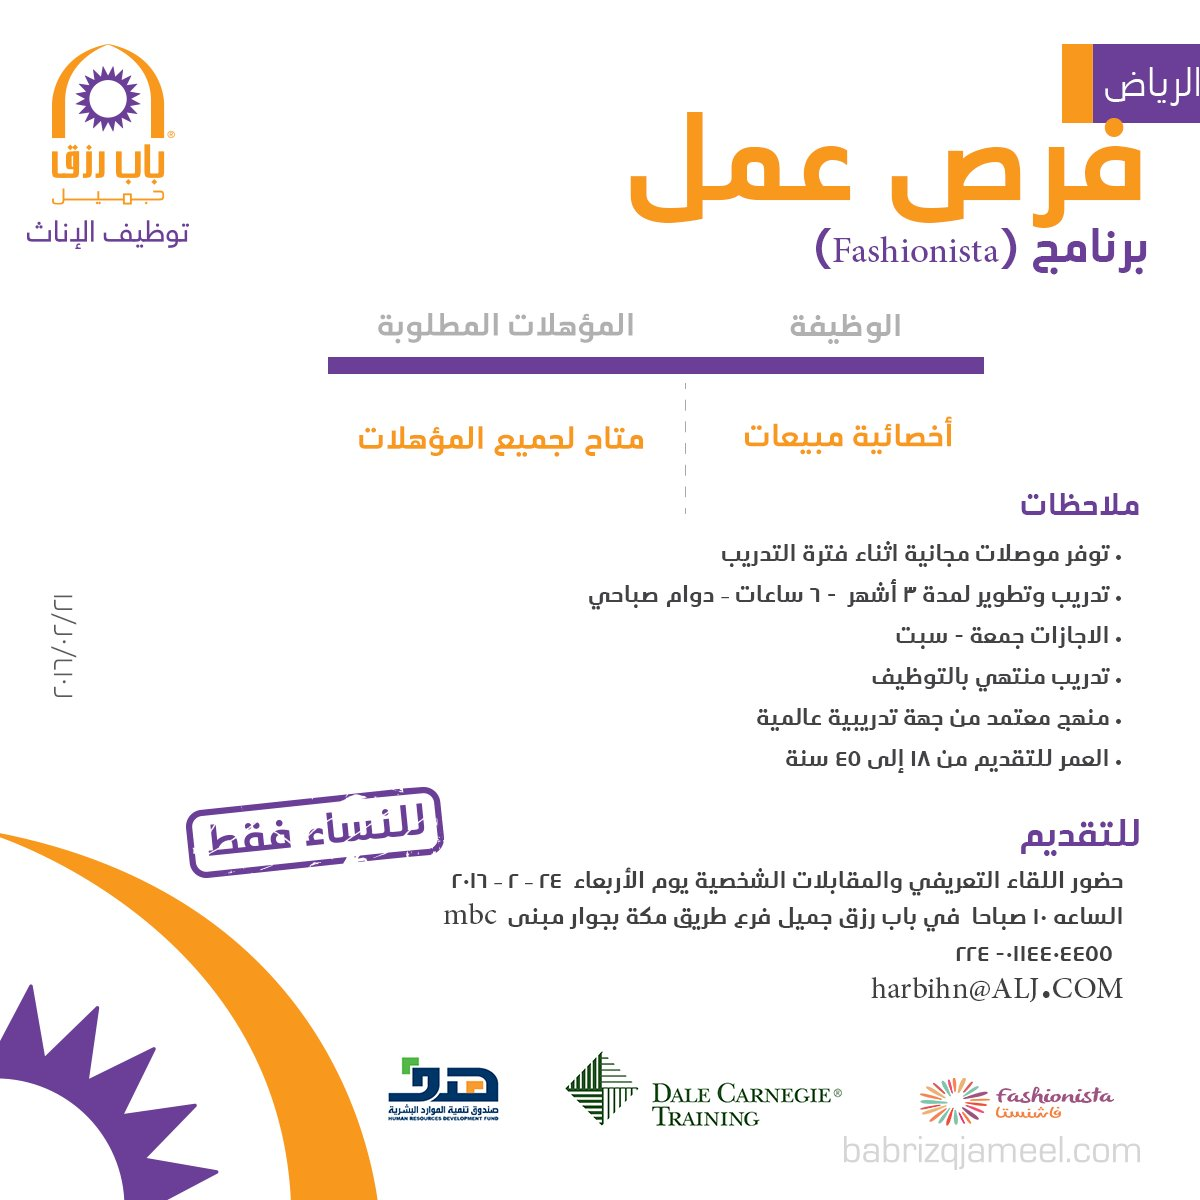 مطلوب أخصائية مبيعات - الرياض